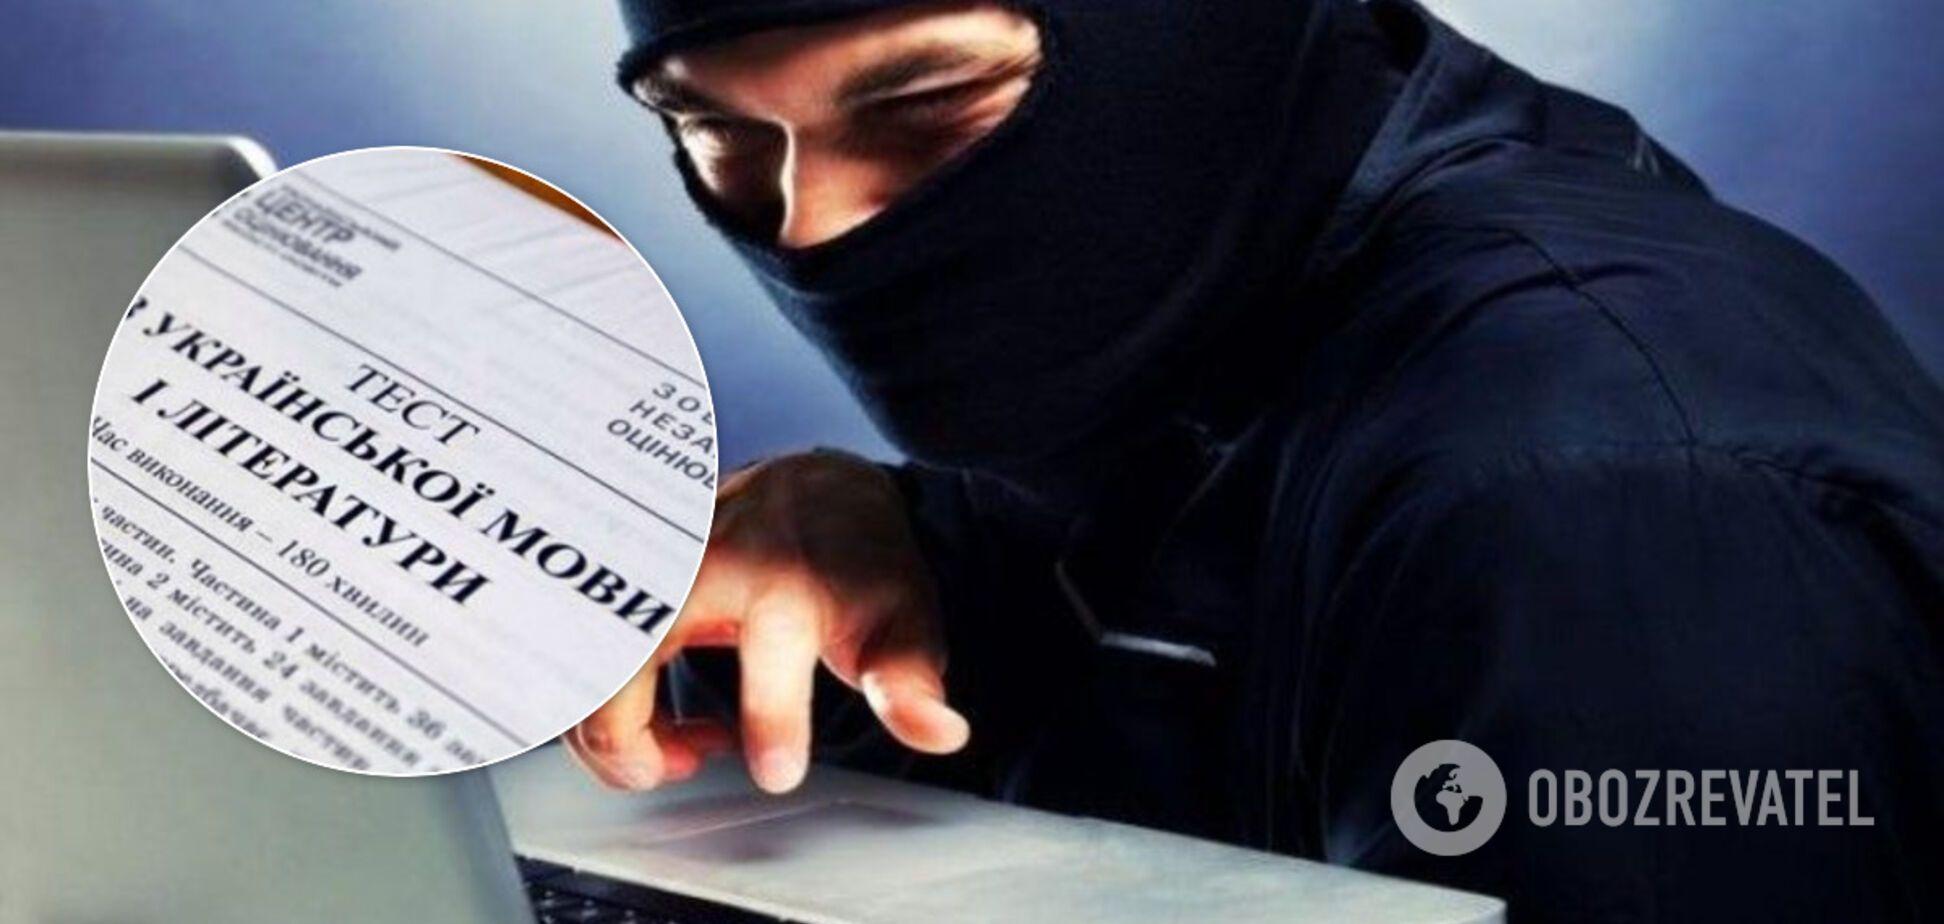 Продають фейкові відповіді на ЗНО: вУкраїні активізувалися інтернет-шахраї